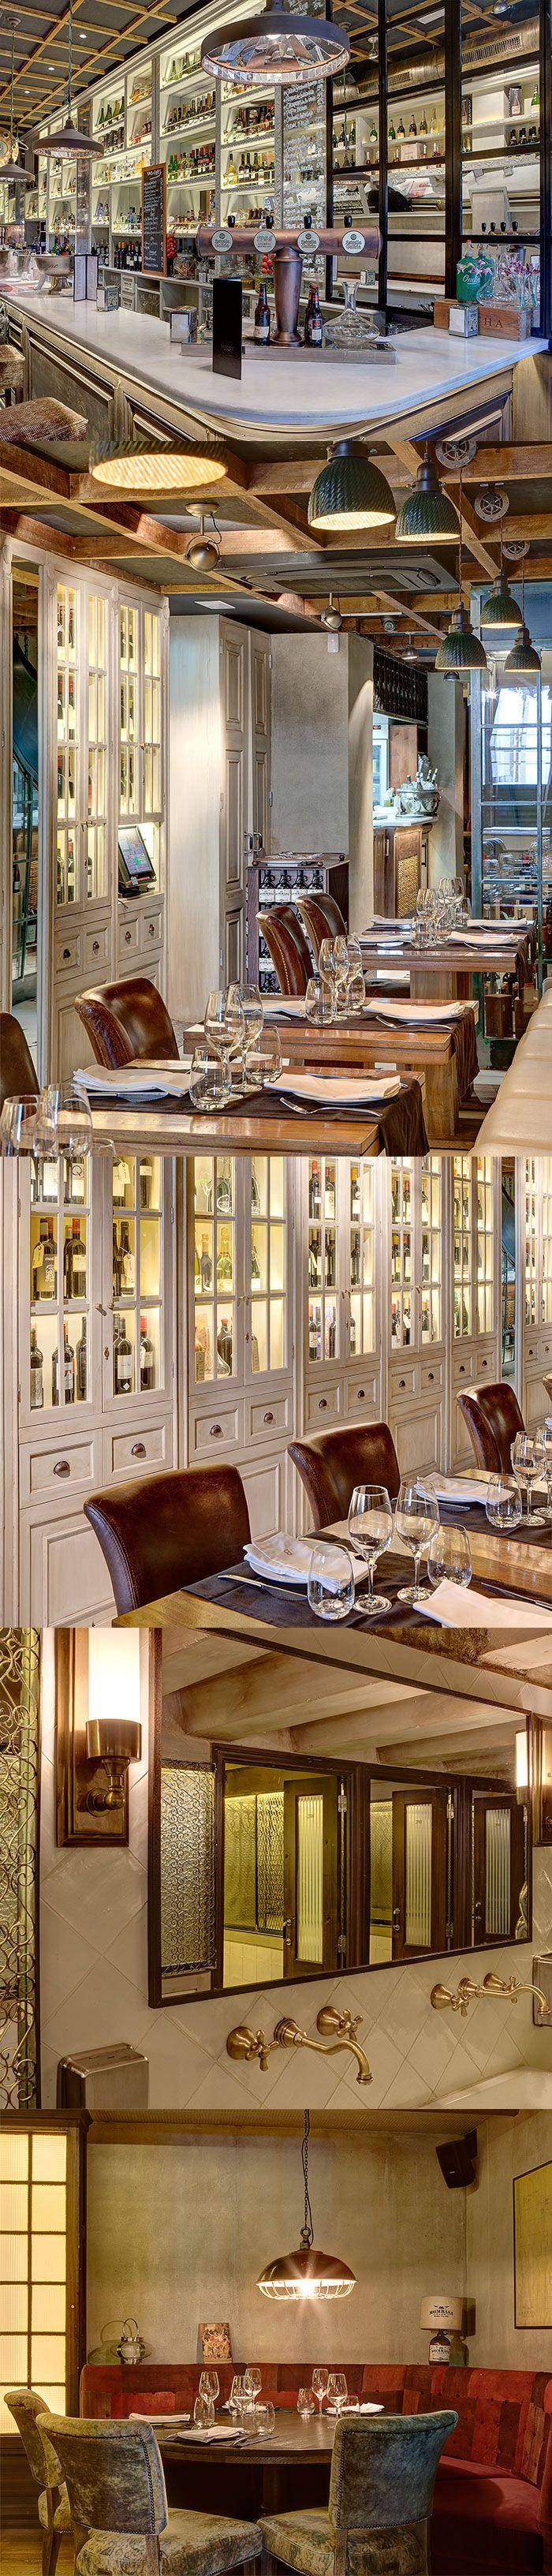 1288 best Restaurant | Bar images on Pinterest | Design blogs ...